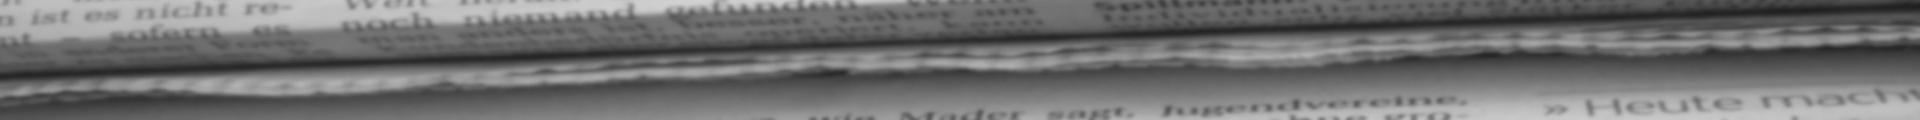 galerie-felix-hoeller-presse